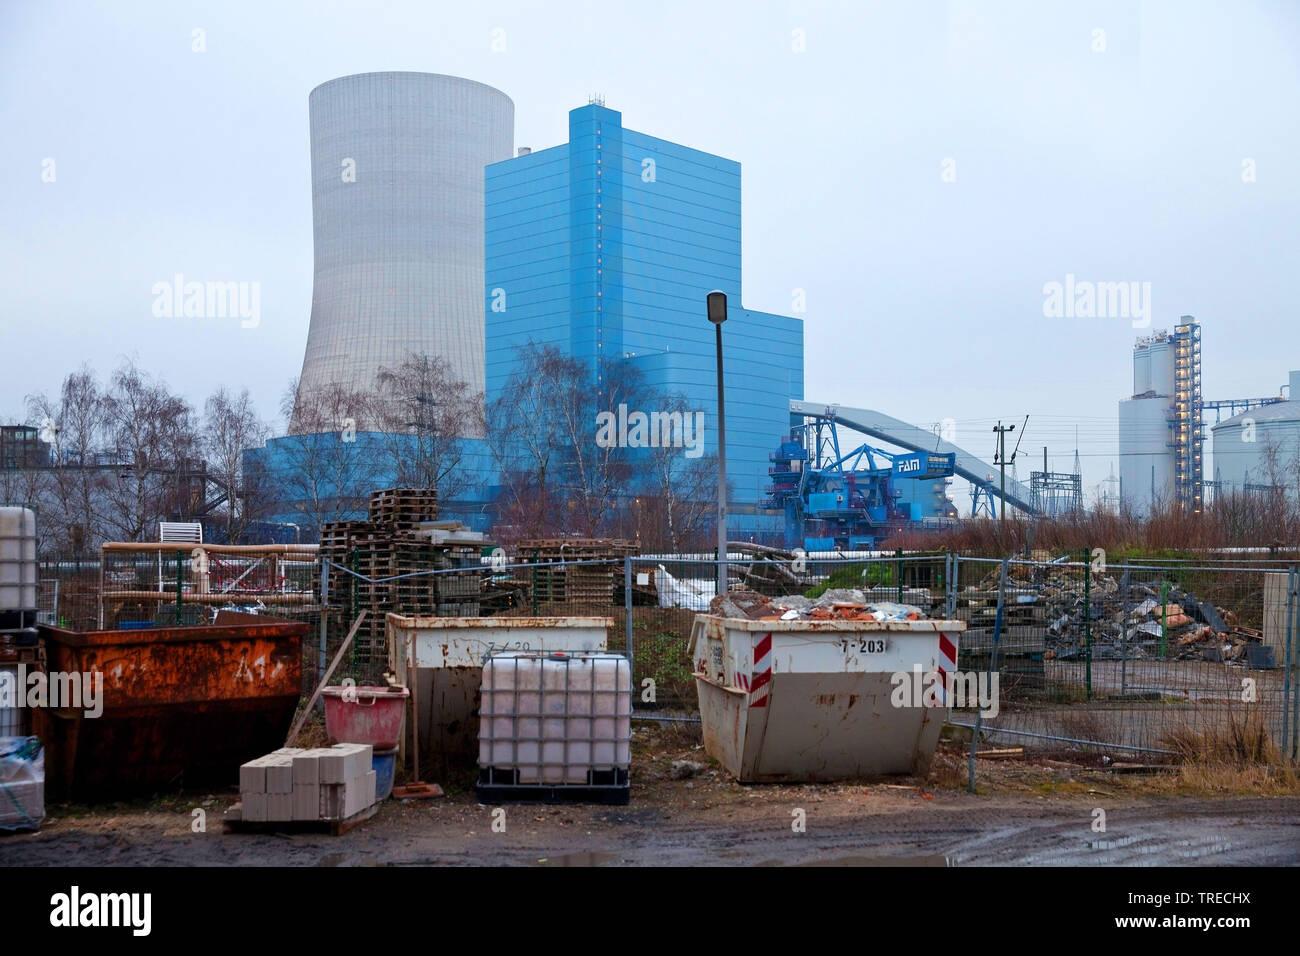 Vor dem Muellcontainer Steinkohlekraftwerk Datteln mit der Bloque 4 Firma Kohleausstieg Uniper, 2038, Deutschland, Nordrhein-Westfalen, Ruhrgebiet, Dat Imagen De Stock